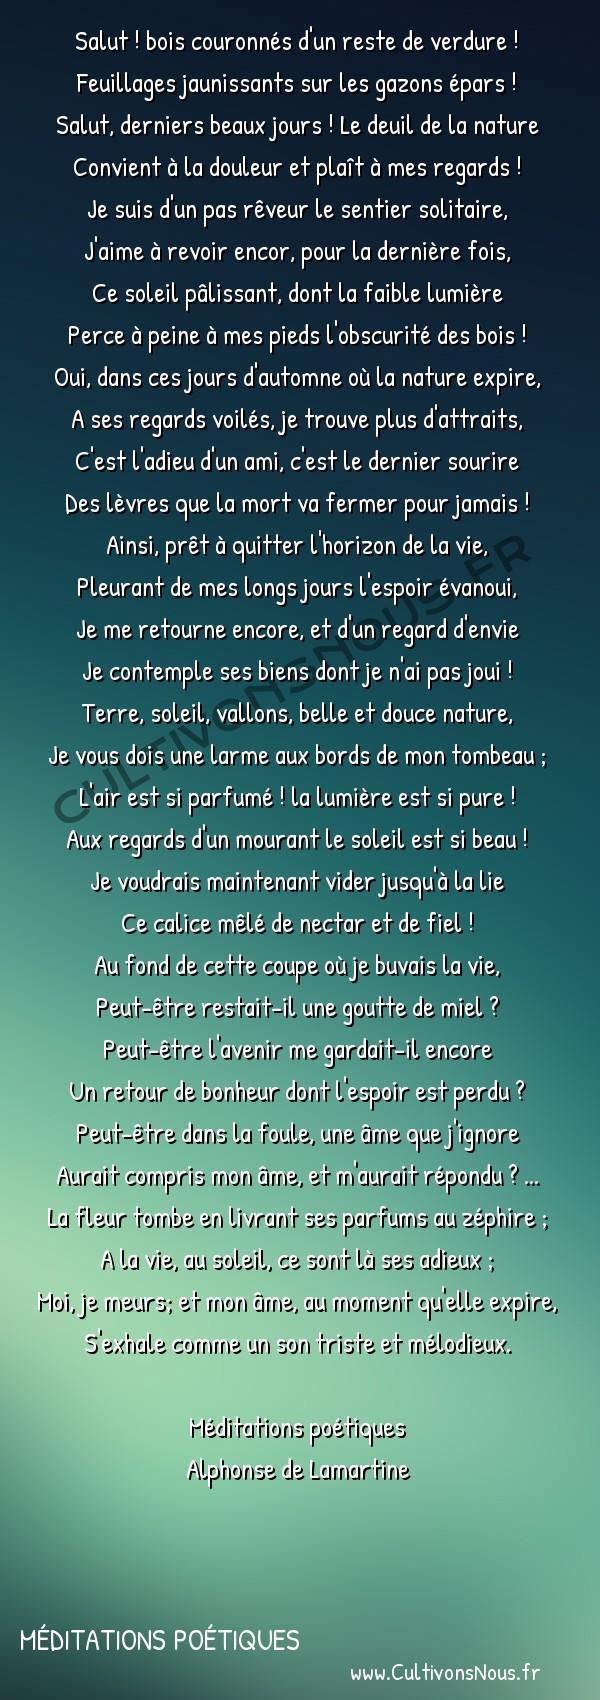 Poésie Alphonse de Lamartine - Méditations poétiques - L'automne -  Salut ! bois couronnés d'un reste de verdure ! Feuillages jaunissants sur les gazons épars !